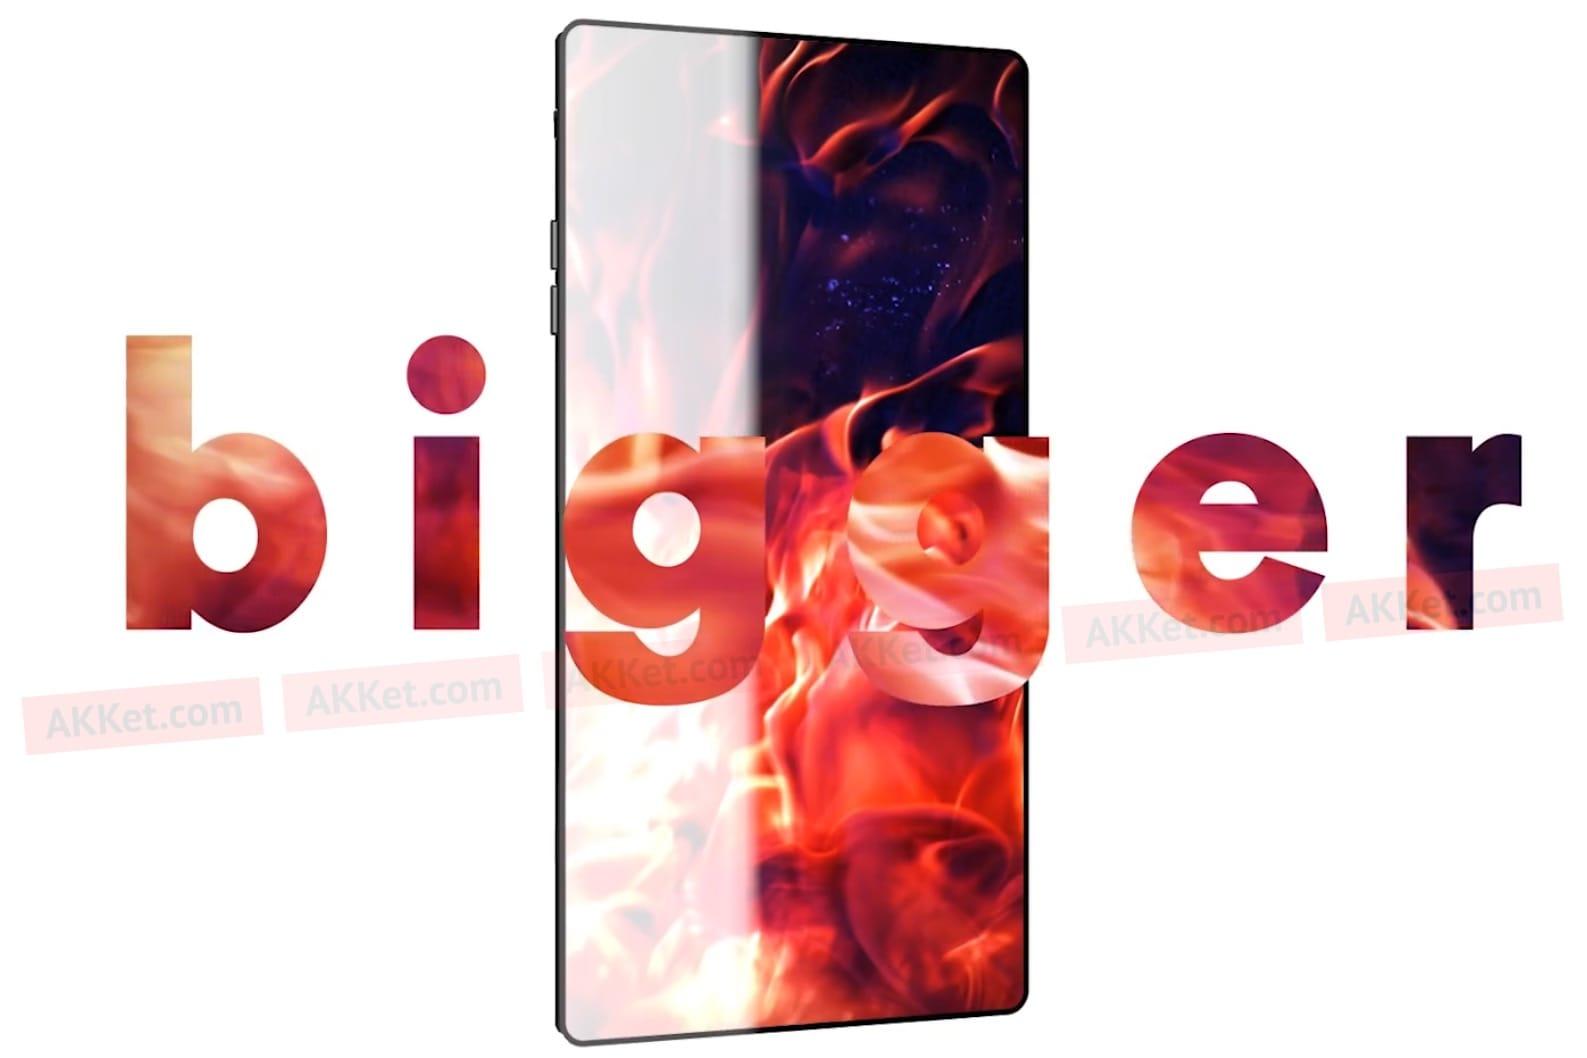 IPhone XI 2018 – первый в мире абсолютно безрамочный смартфон с поддержкой 5G